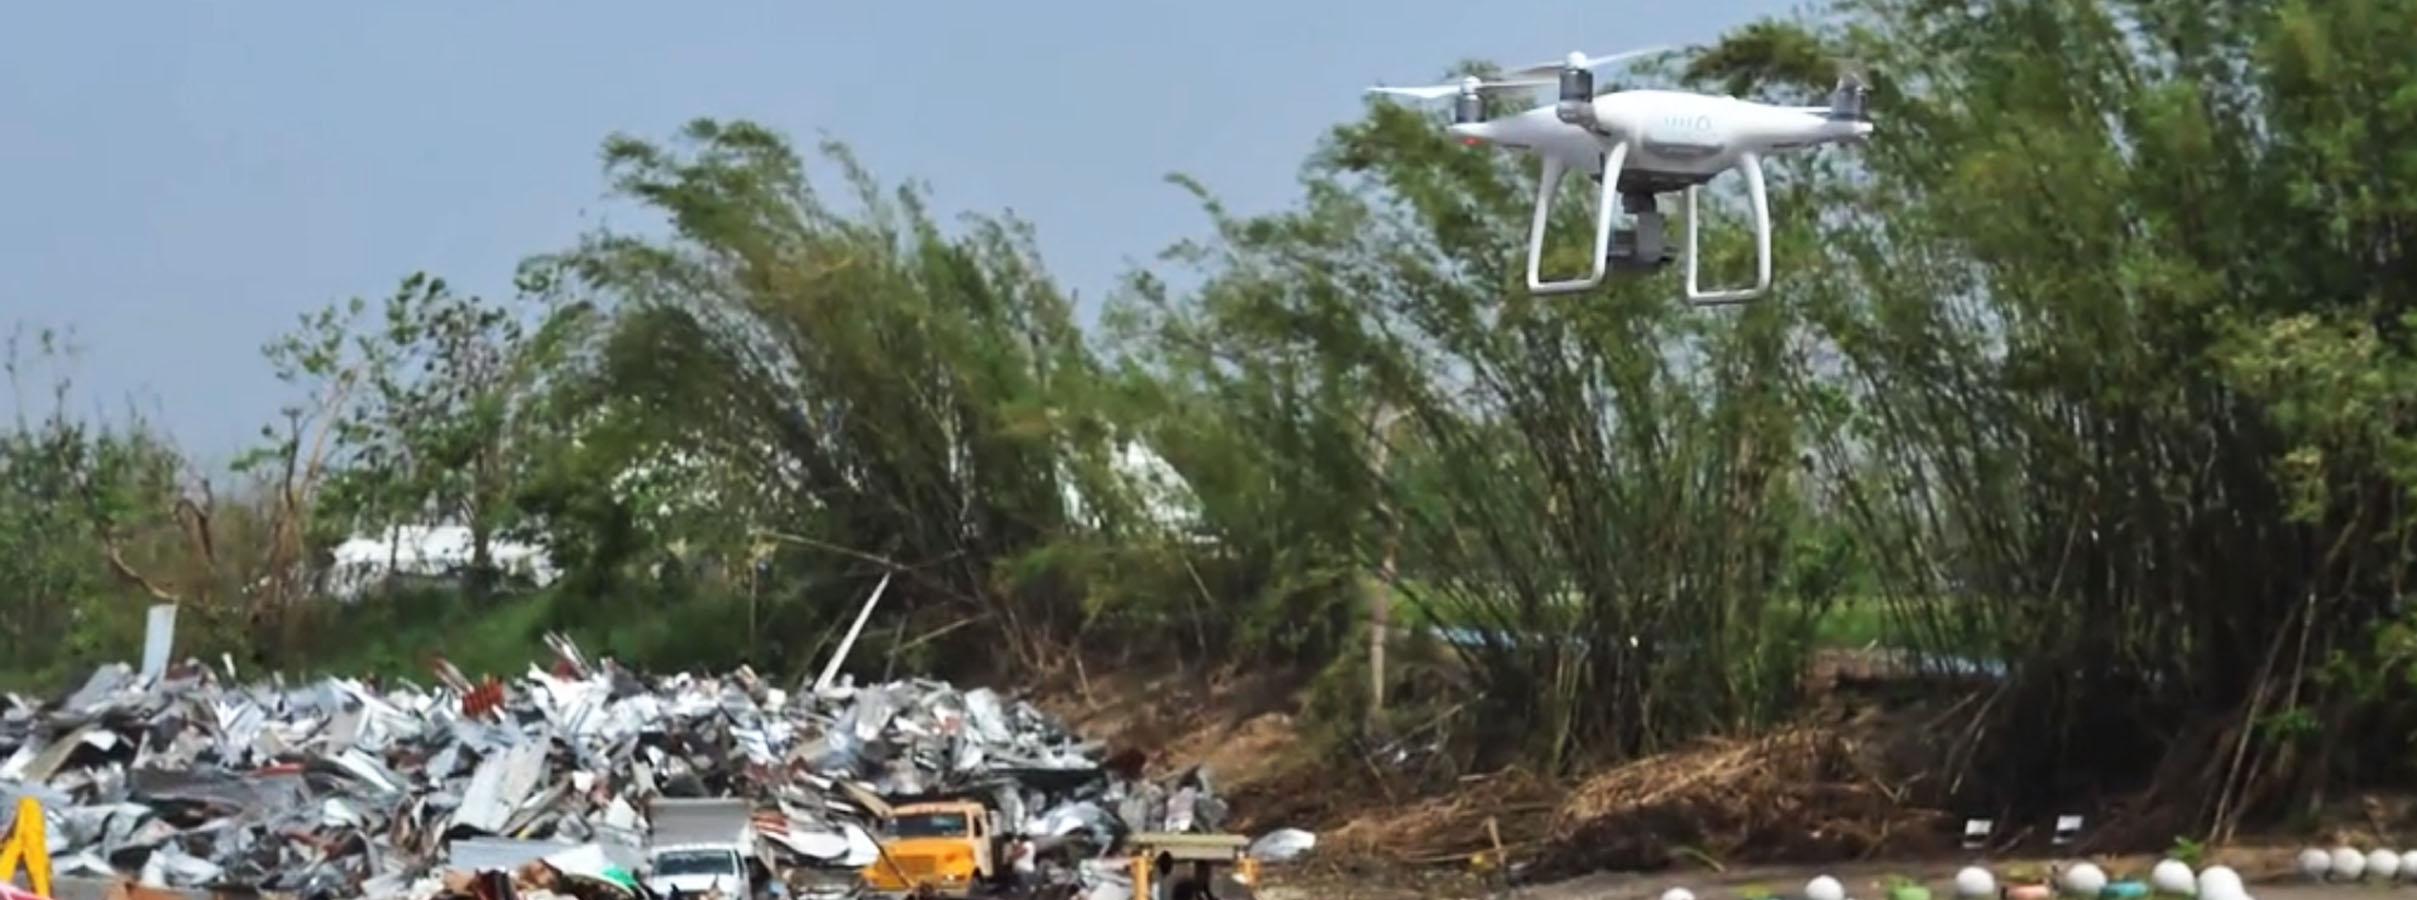 Bayamón Utiliza Innovadoras Técnicas para el Monitoreo de Escombros